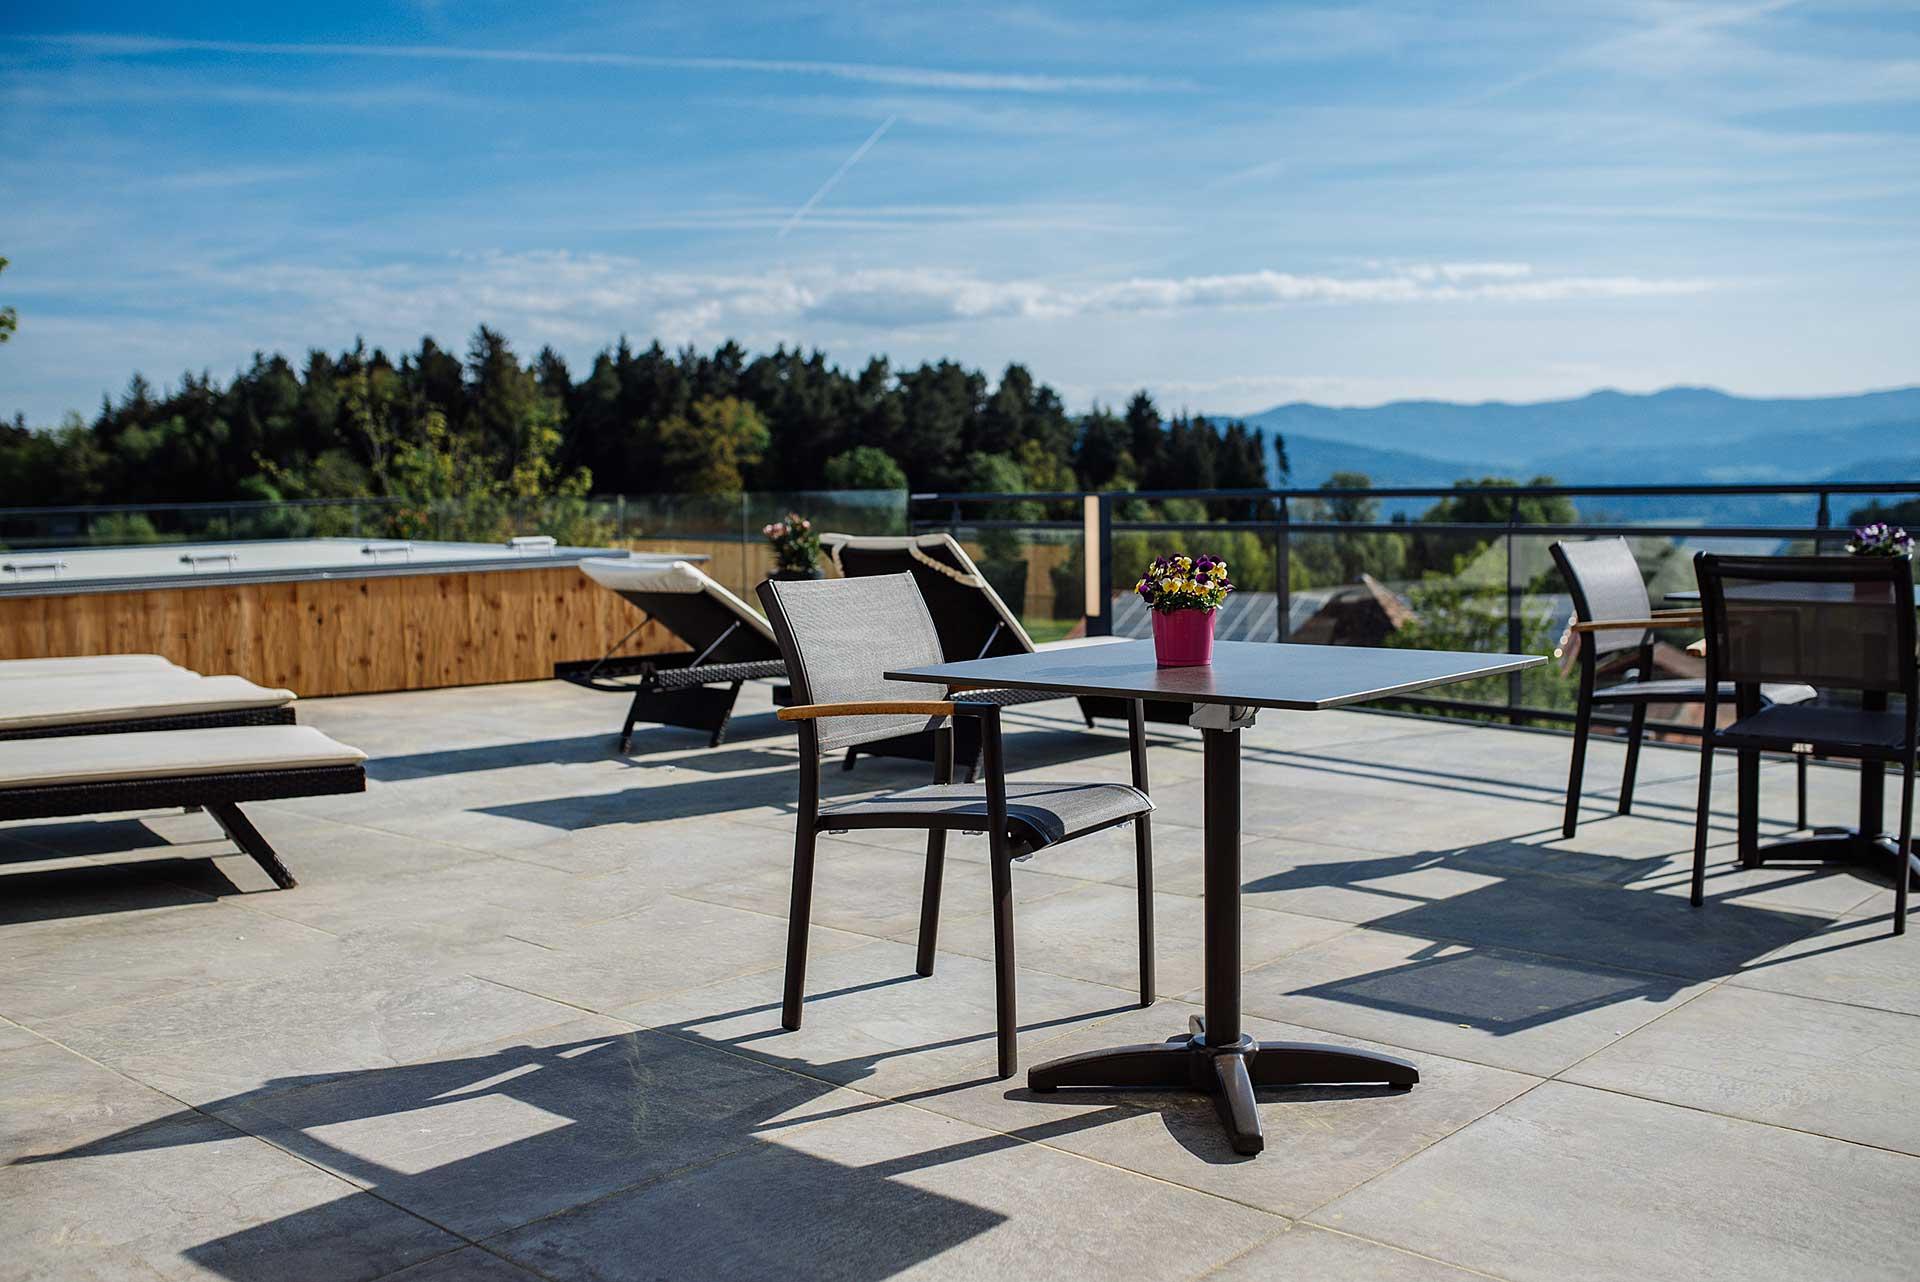 Panorama Sonnenterrasse unseres 4 Sterne Wellnesshotel im Bayerischen Wald